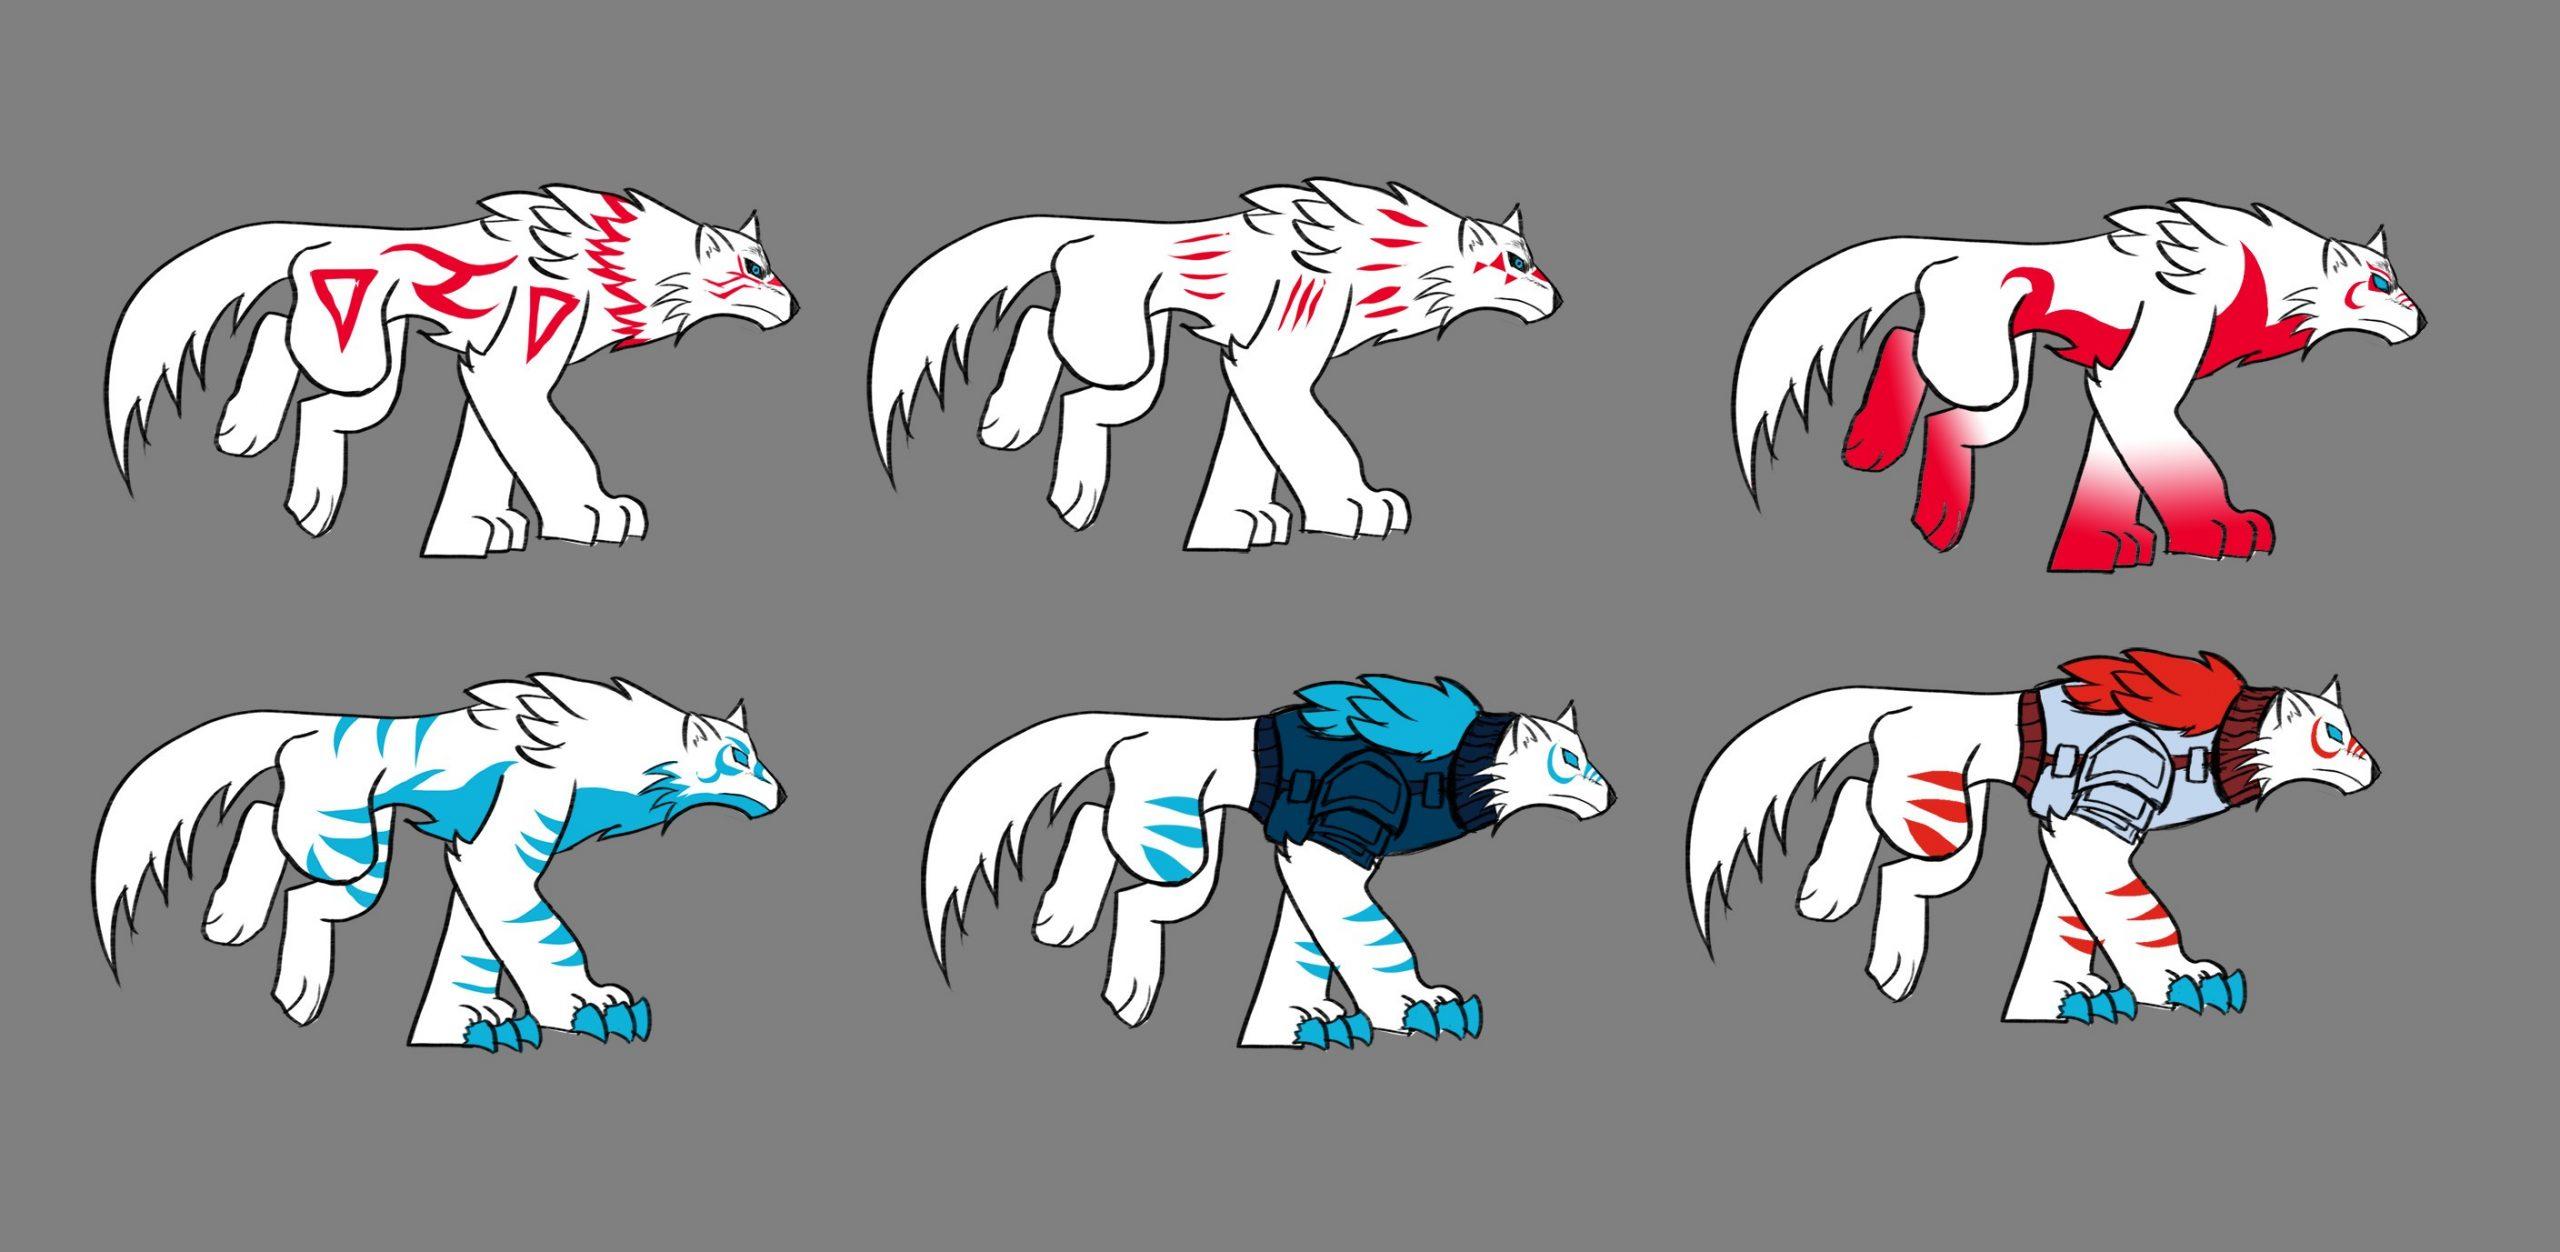 Red Moon - Wolves Colour Scheme Concept